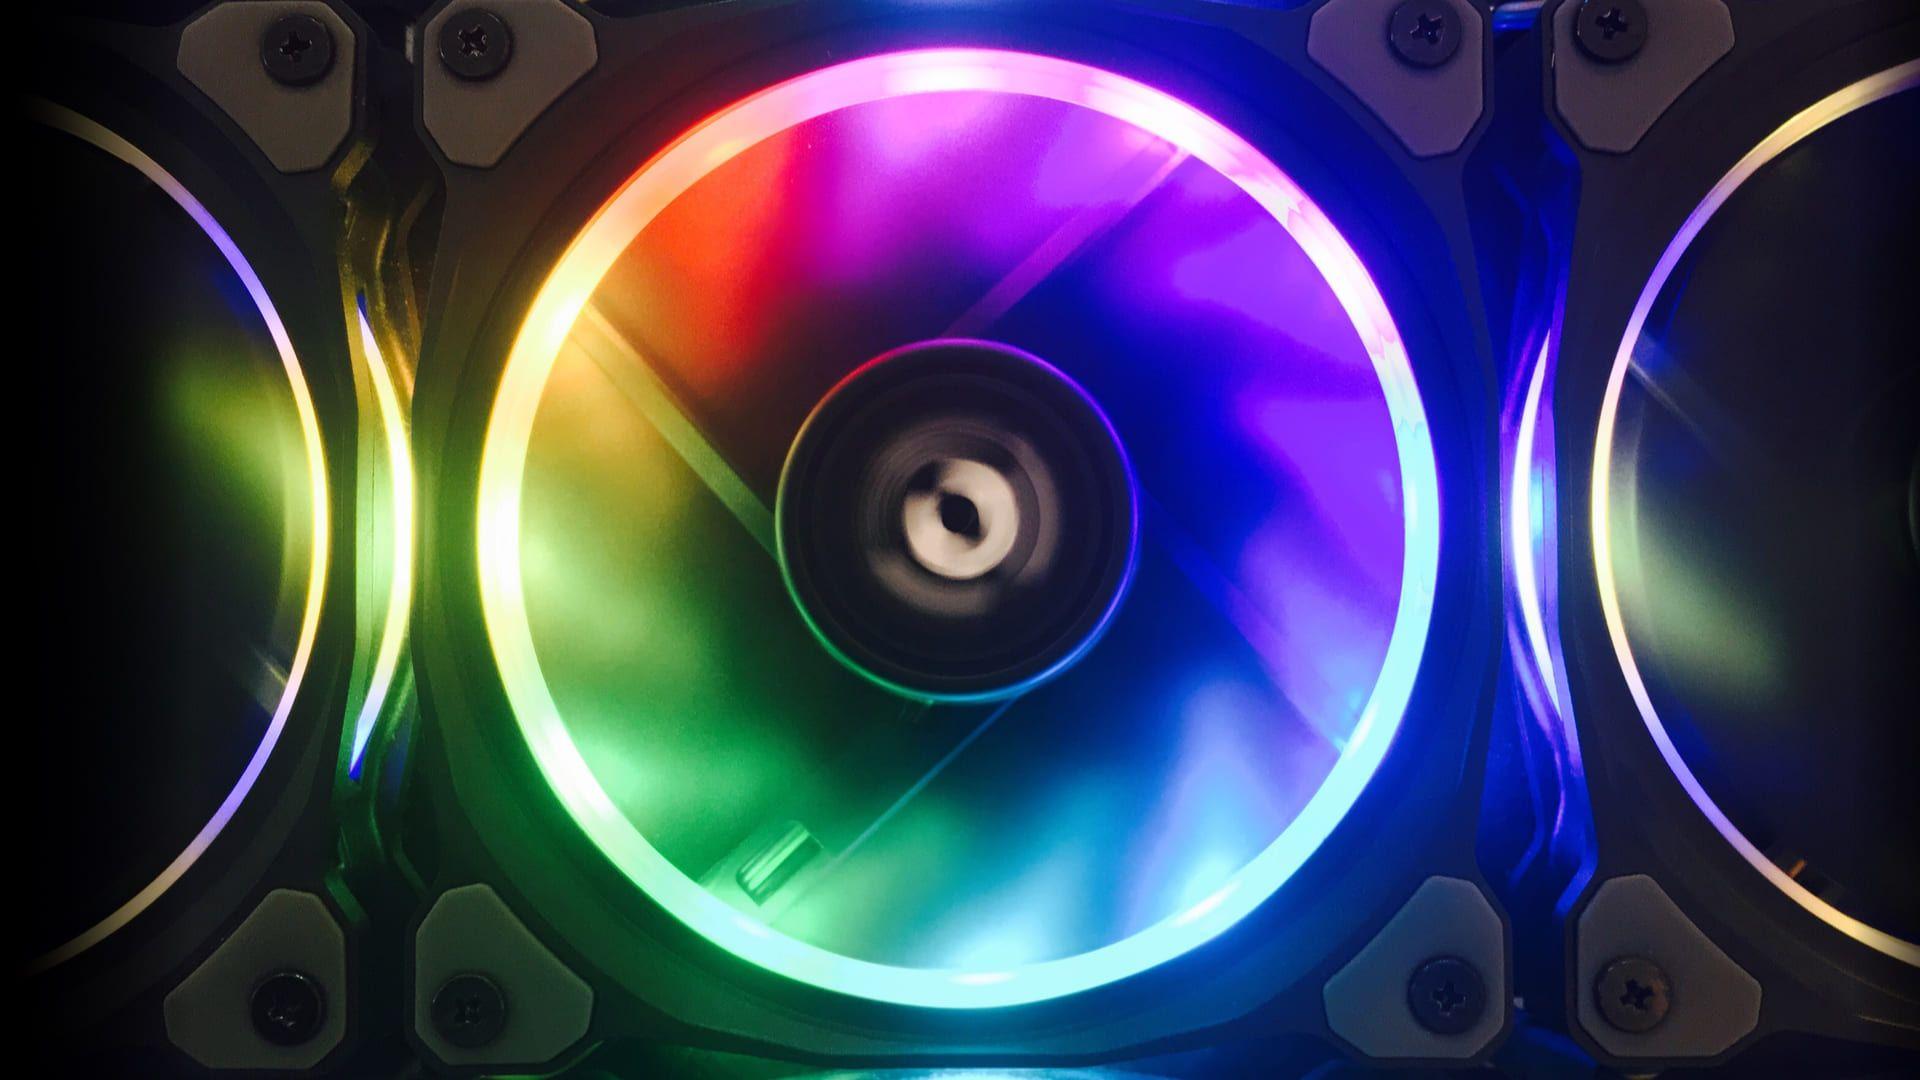 As ventoinhas são mini ventiladores instalados em seu computador (Foto: Reprodução/Shutterstock)